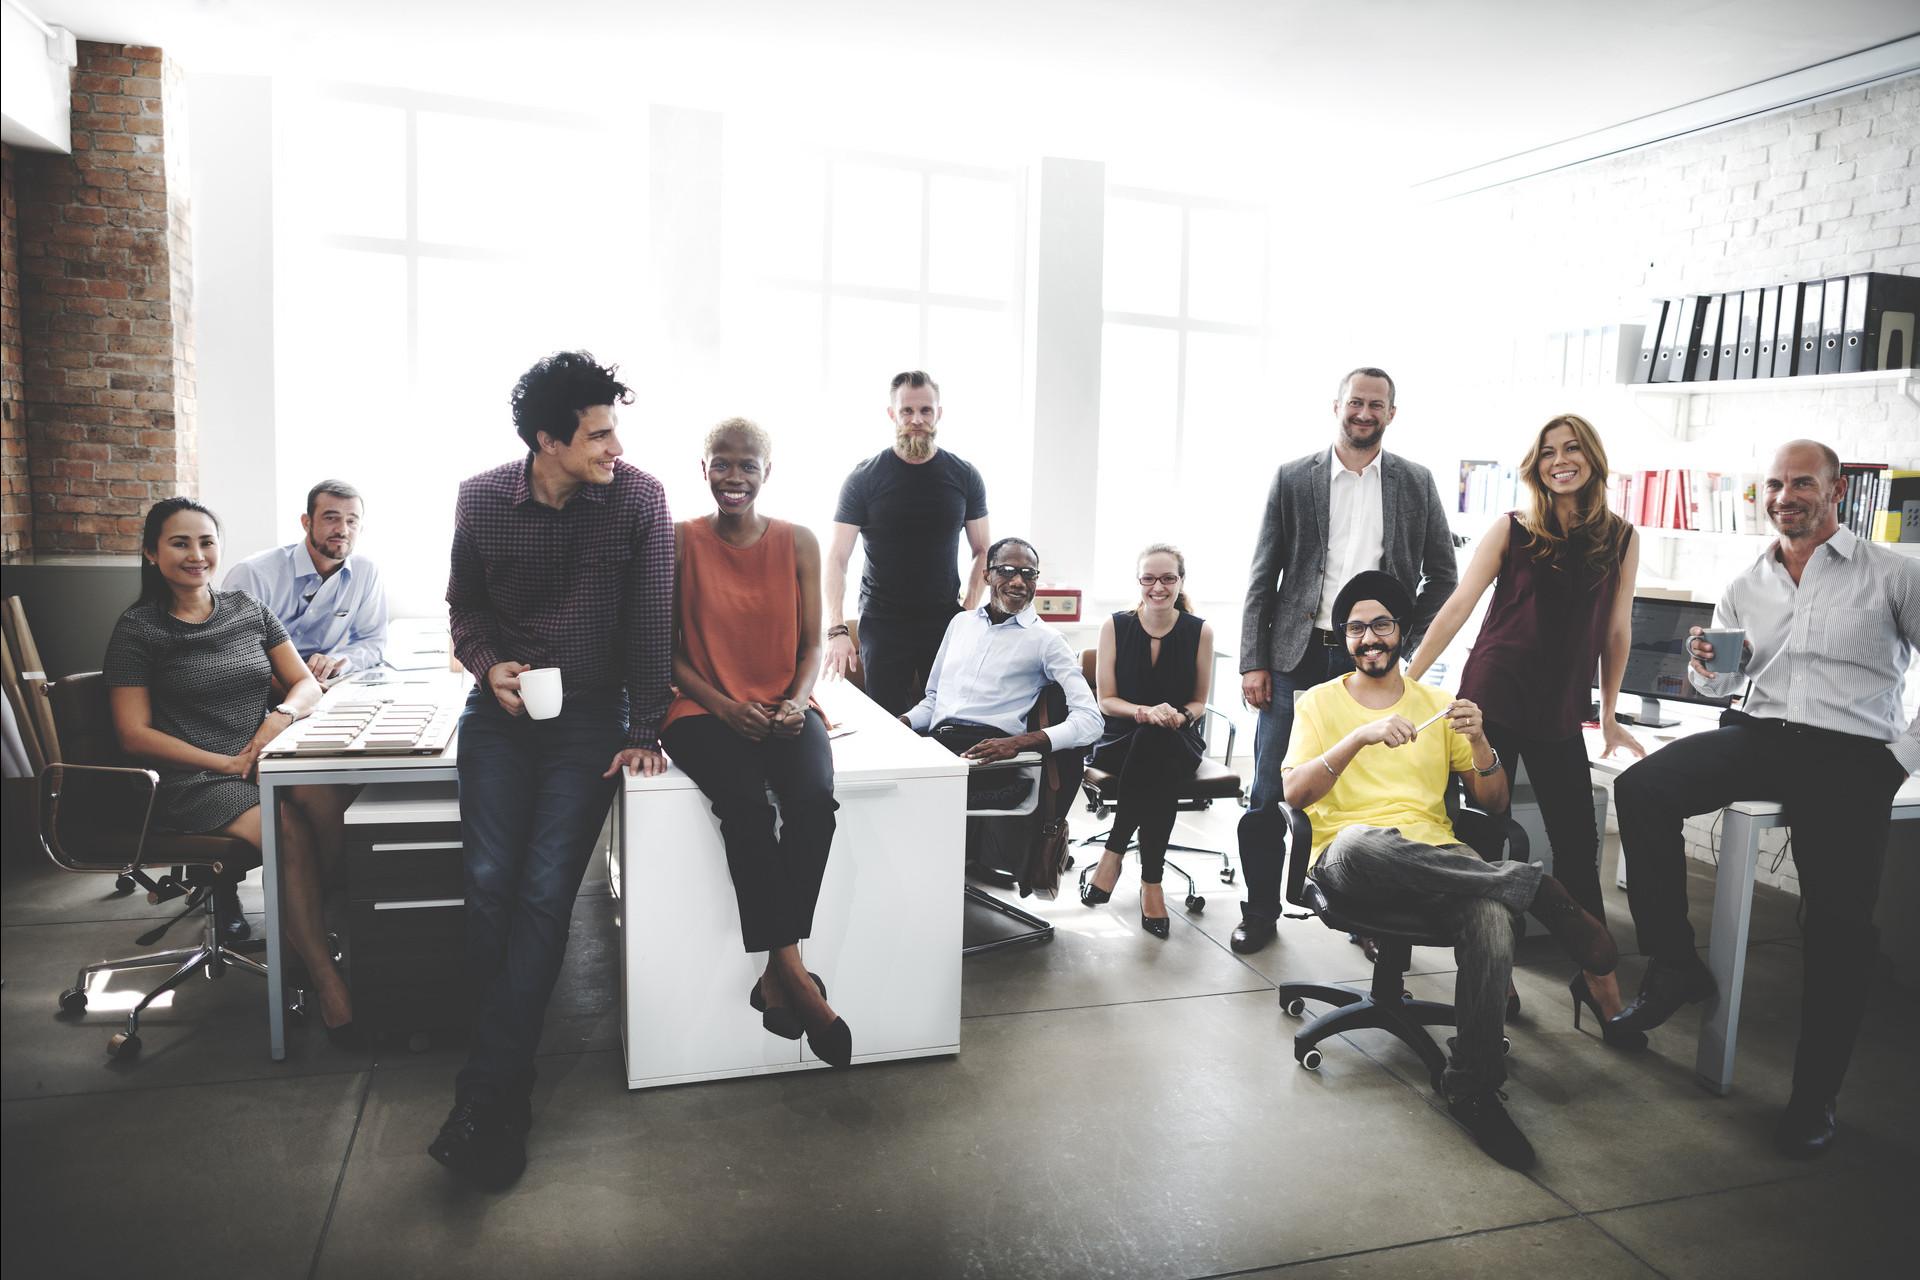 妳喜歡職場的那個妳嗎?試著讓真實的自己發揮,帶領團隊